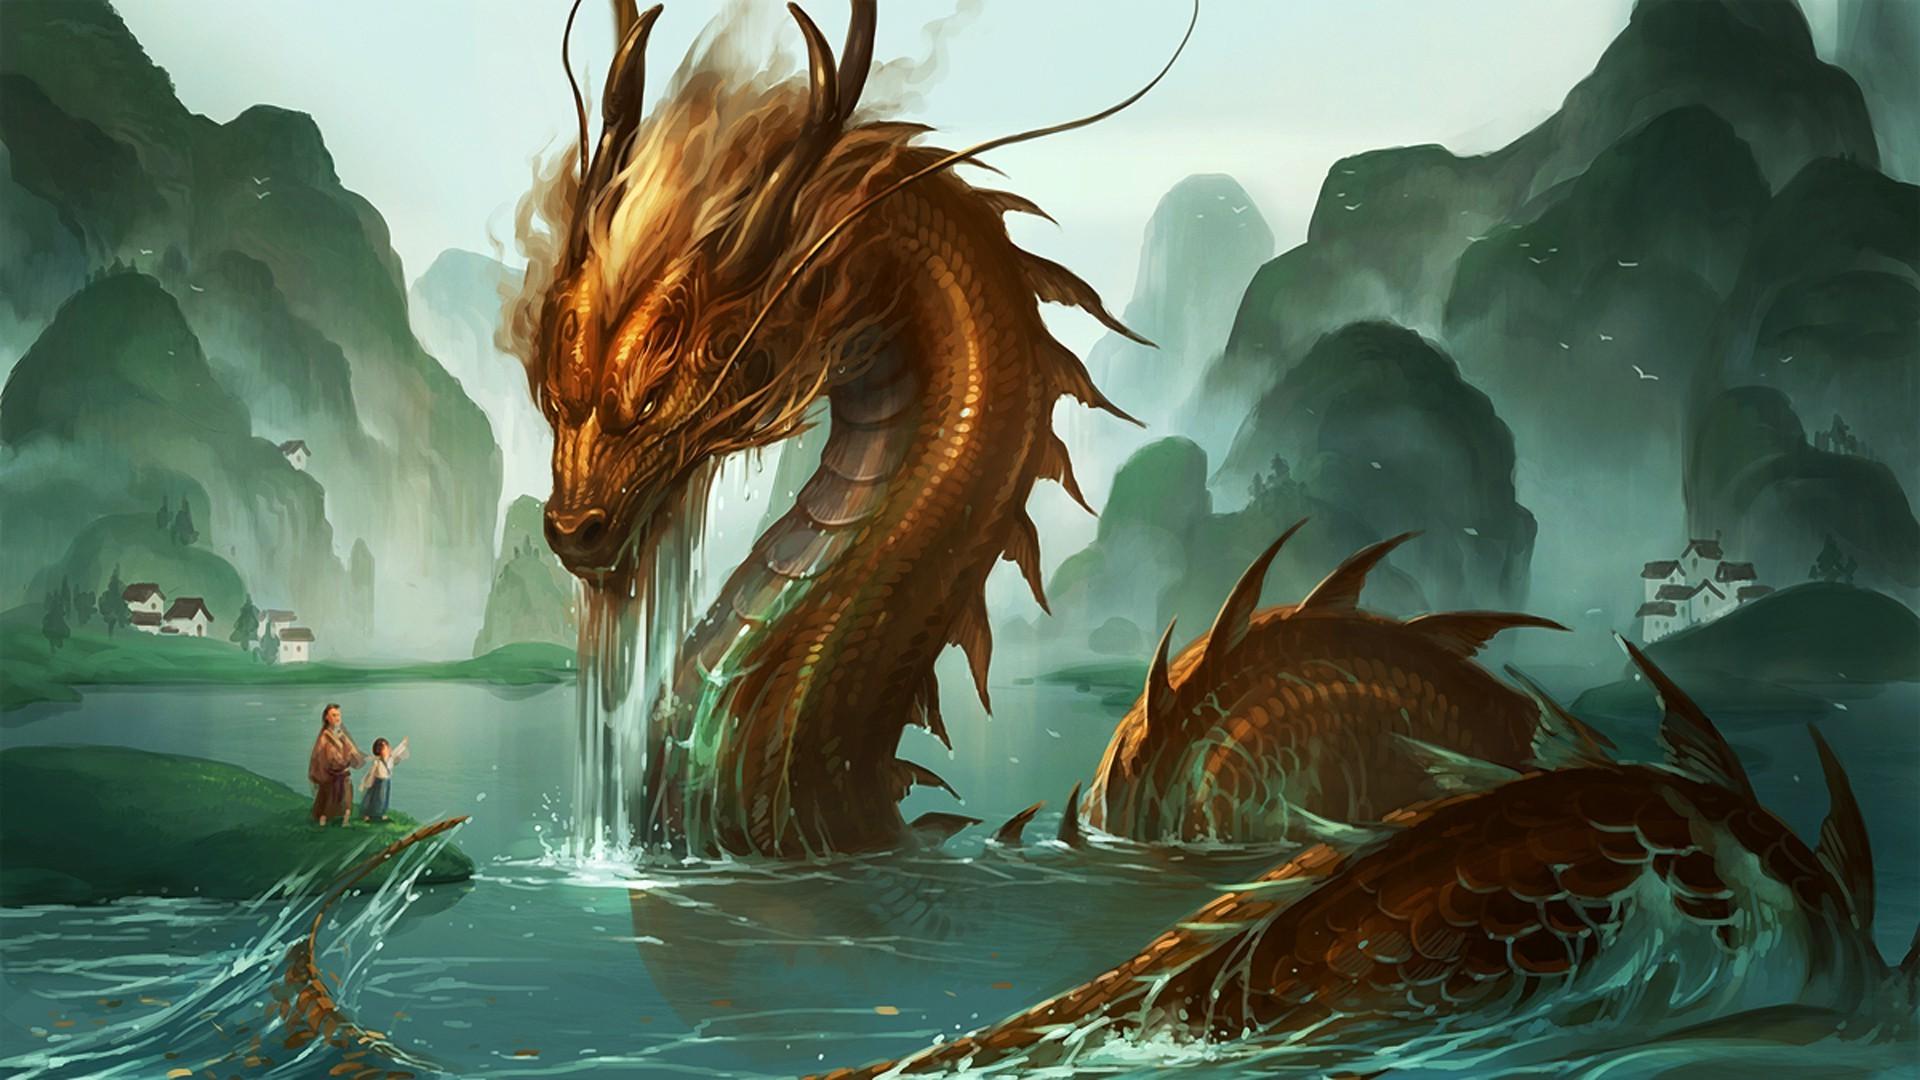 обои восточные драконы для рабочего стола № 598079  скачать